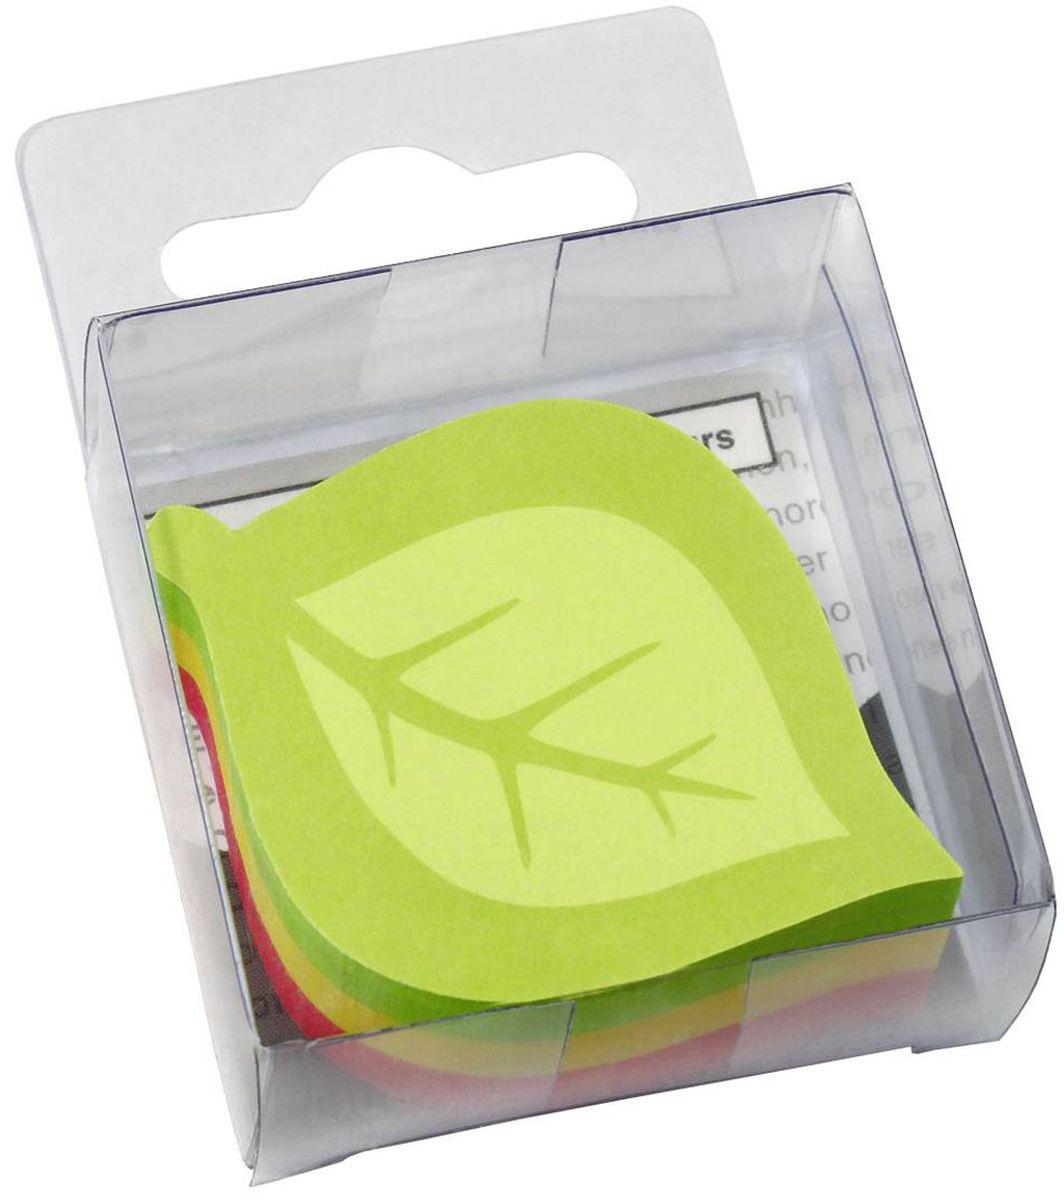 Global Notes Бумага для заметок с липким слоем Листок 225 листов584539Не только удобна, но и интересна, позволяет привлечь внимание к нужной информации. Размер 50х50 мм. В блоке 225 листов. ЛИСТОК. В блистерной коробке Плотность бумаги 70гр/м2